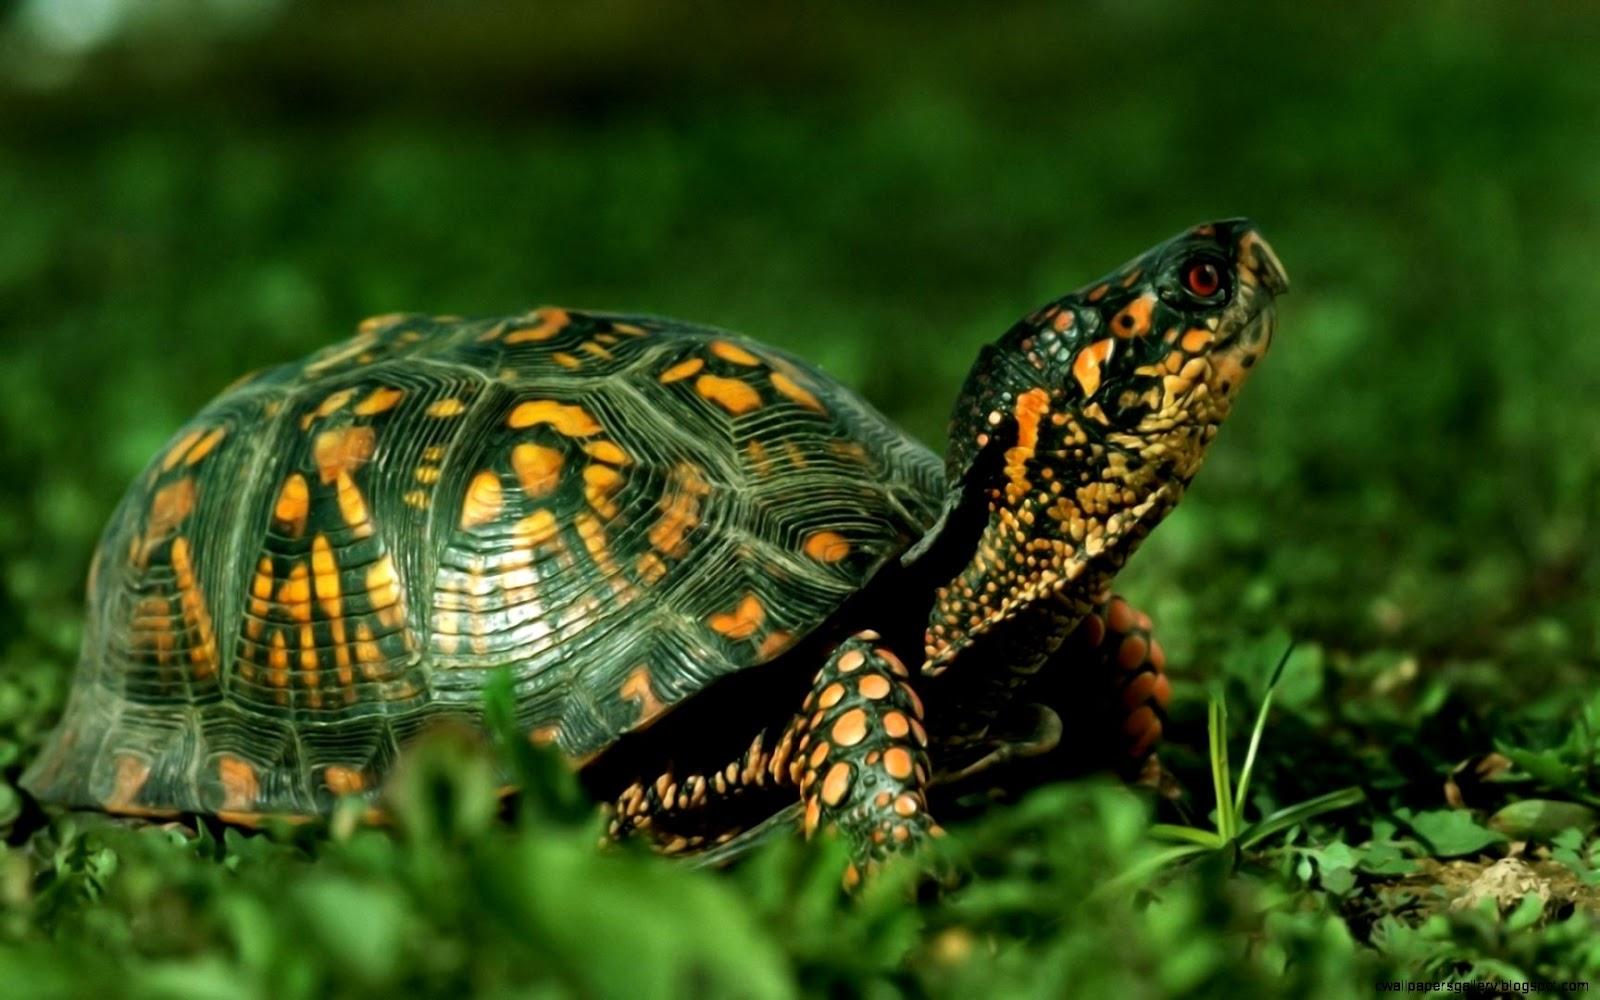 Turtles Reptiles Animals